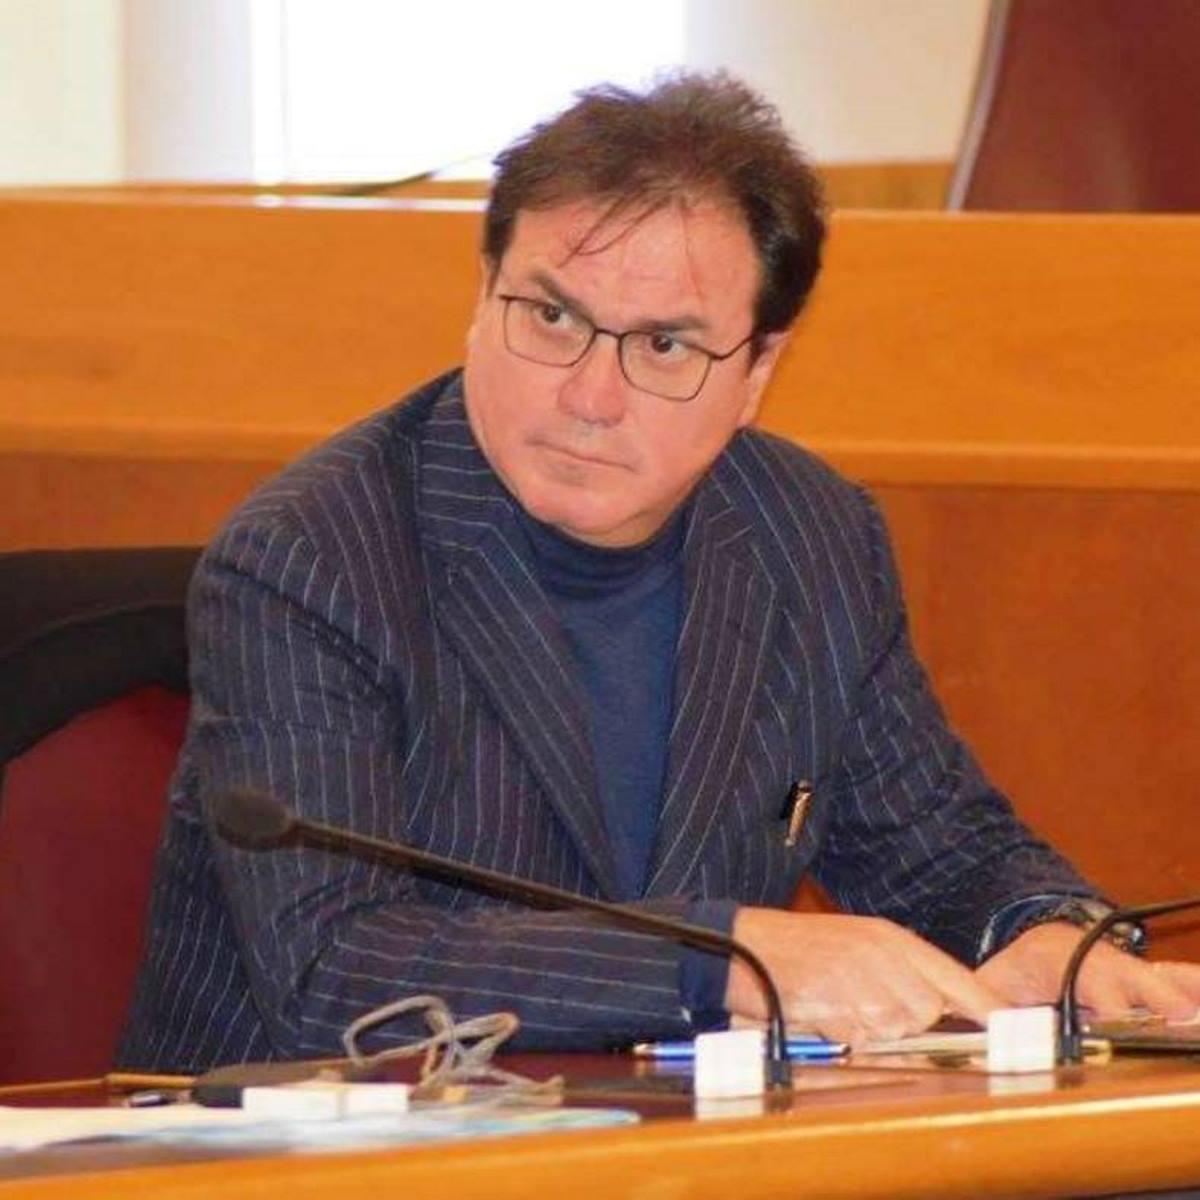 Mauro Febbo insoddisfatto delle ultime dichiarazioni di Conte foto